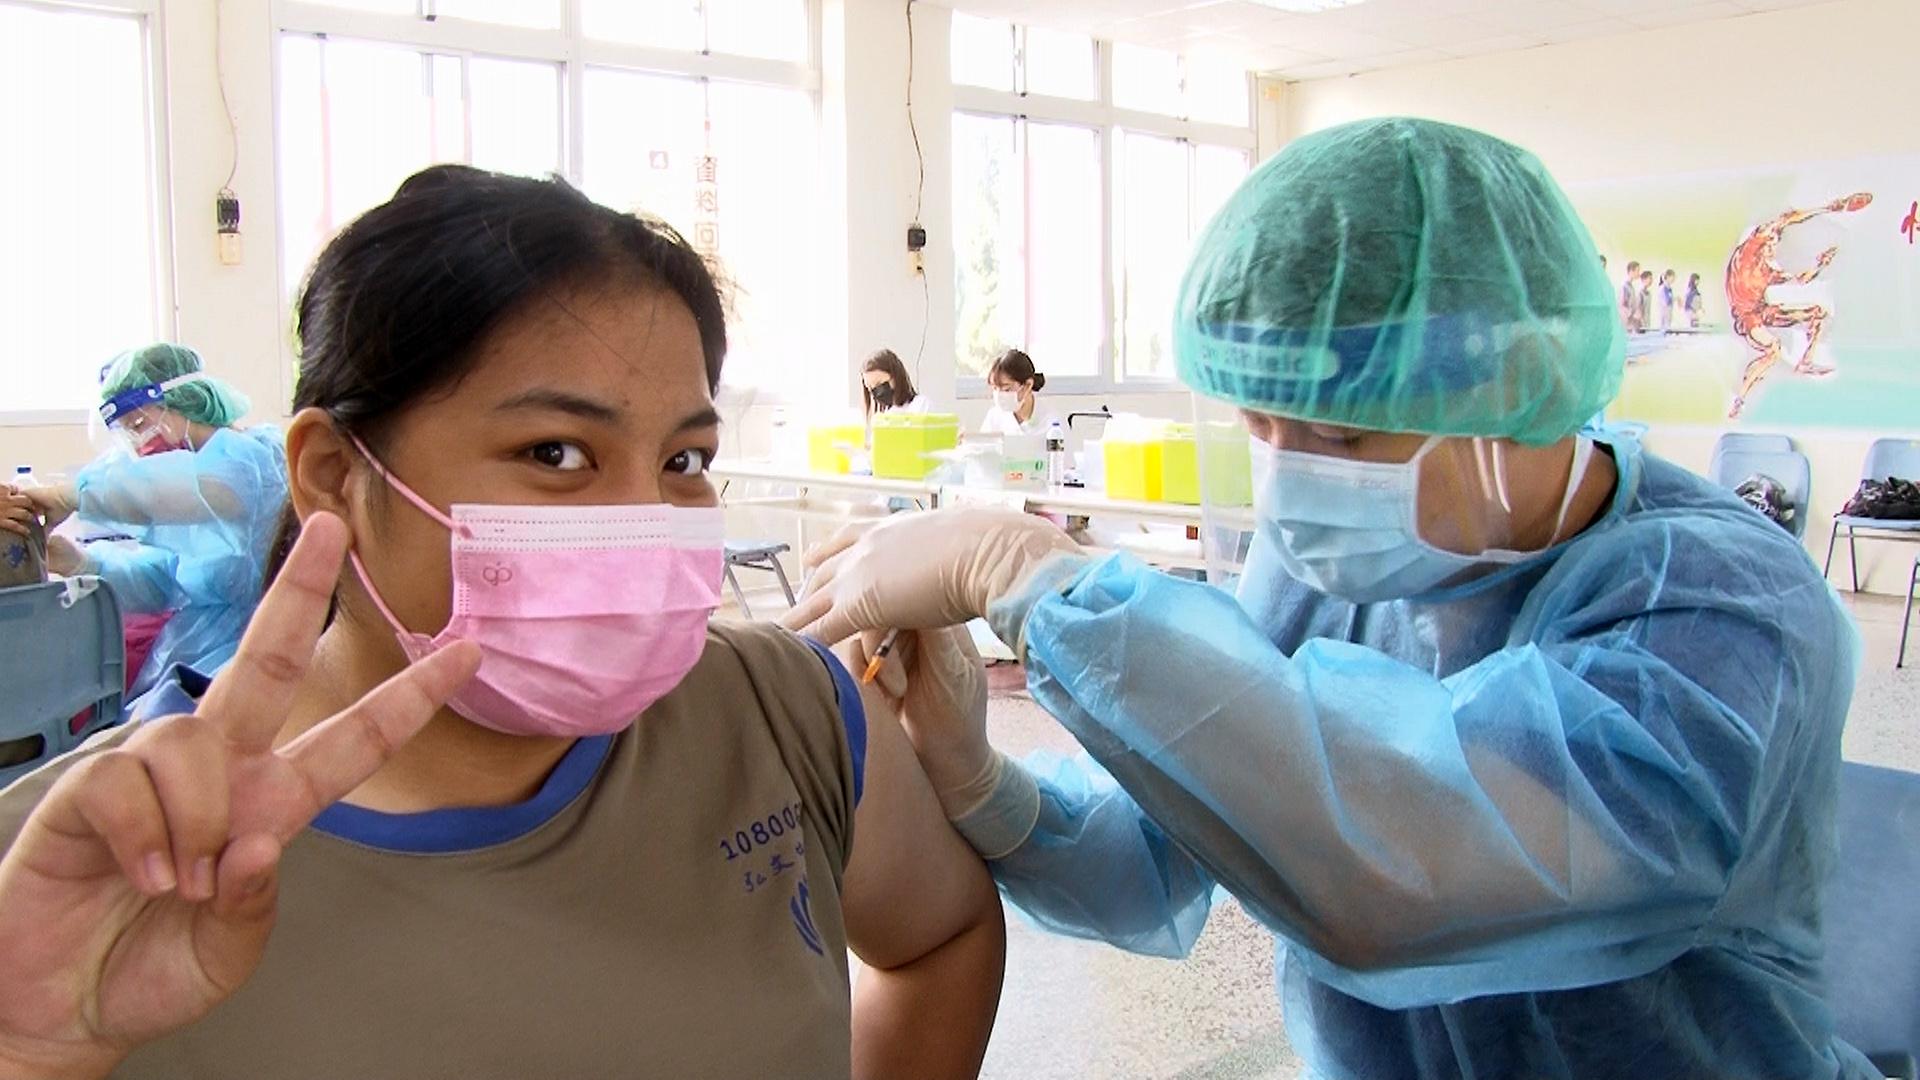 國三高姓女同學開心接種疫苗,也許下未來助人心願。